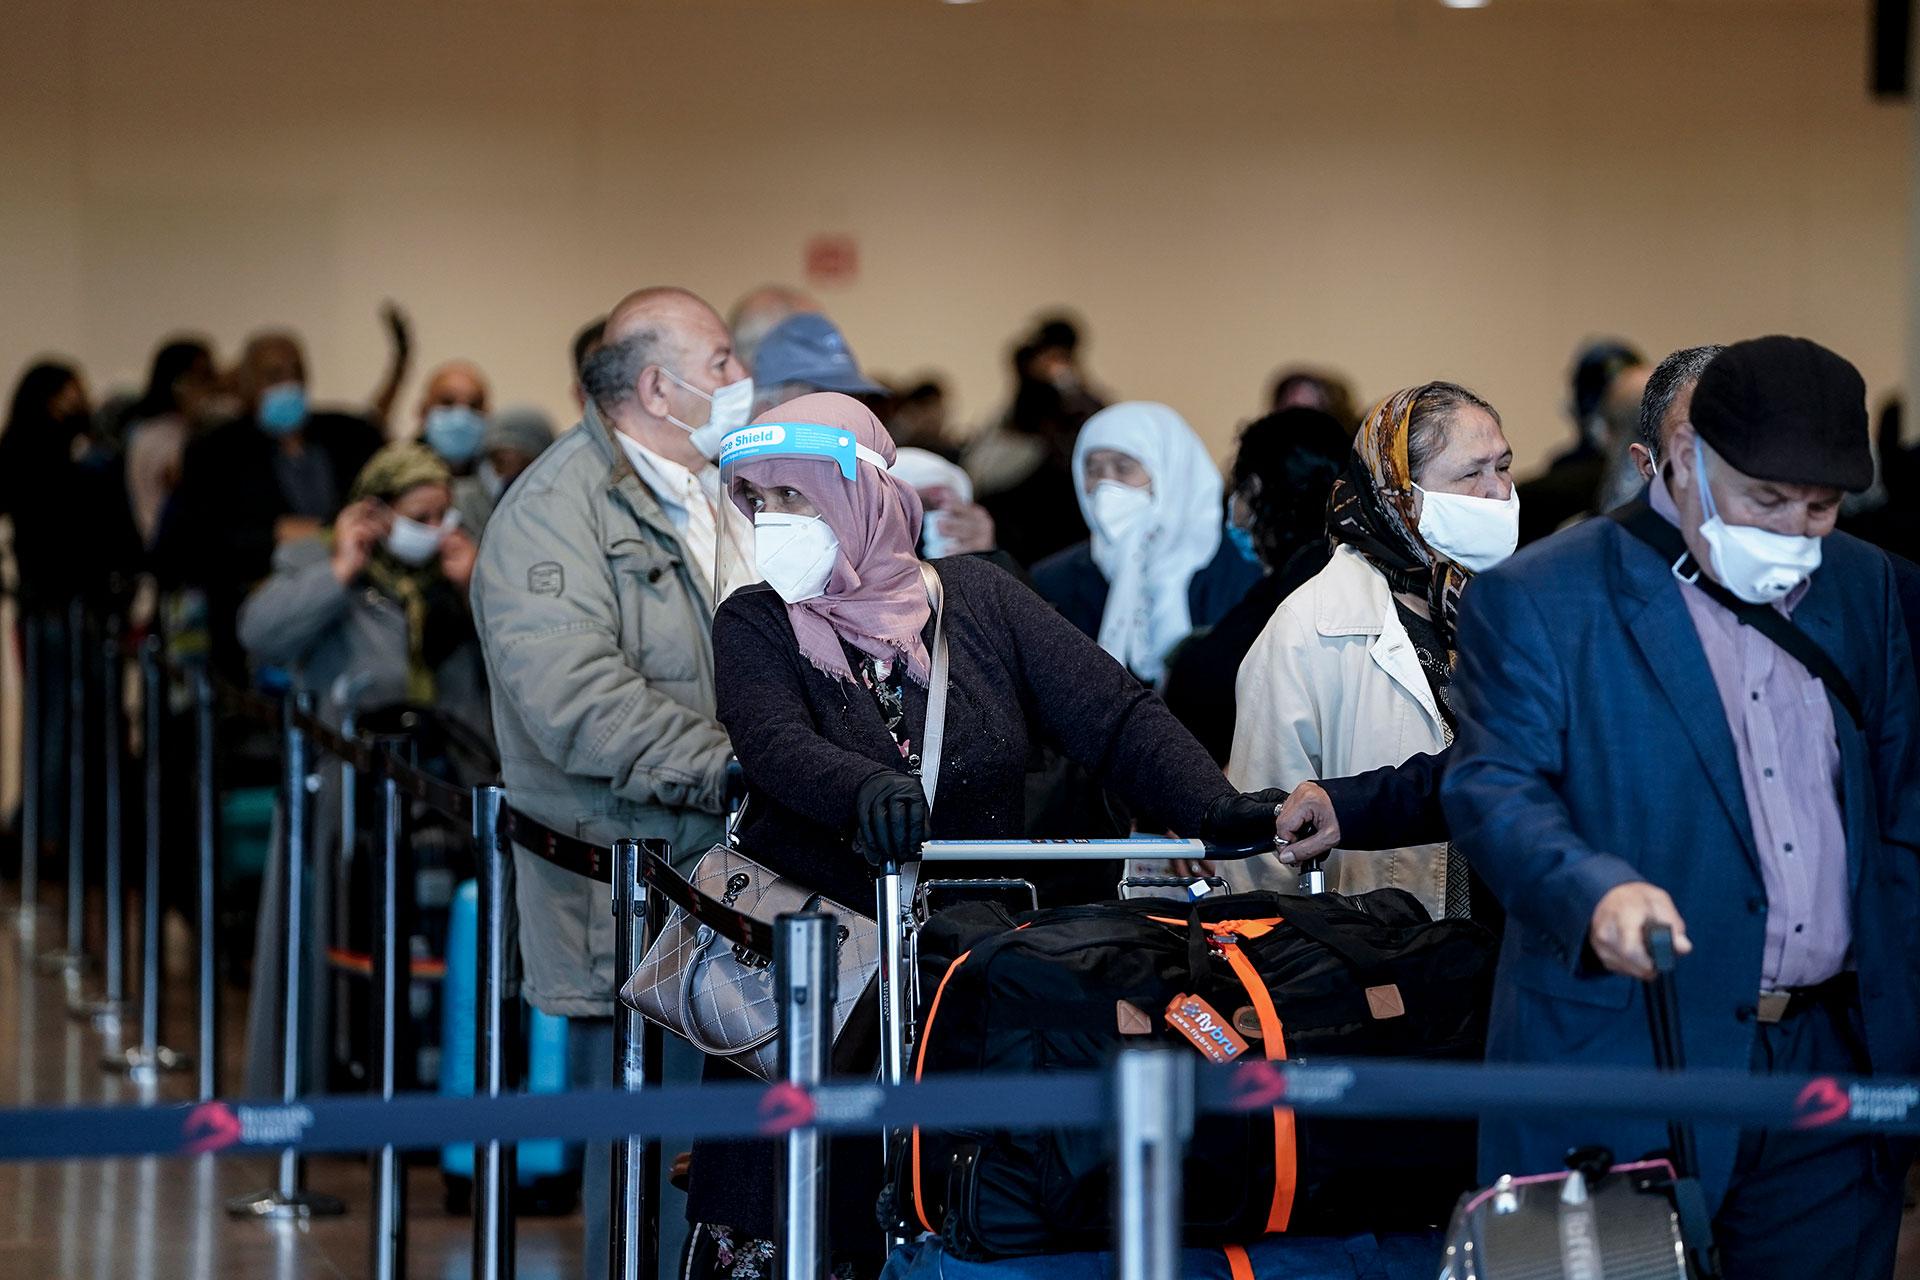 Pasajeros con mascarillas hacen filas para el check-in en el Aeropuerto de Bruselas, en Bélgica.